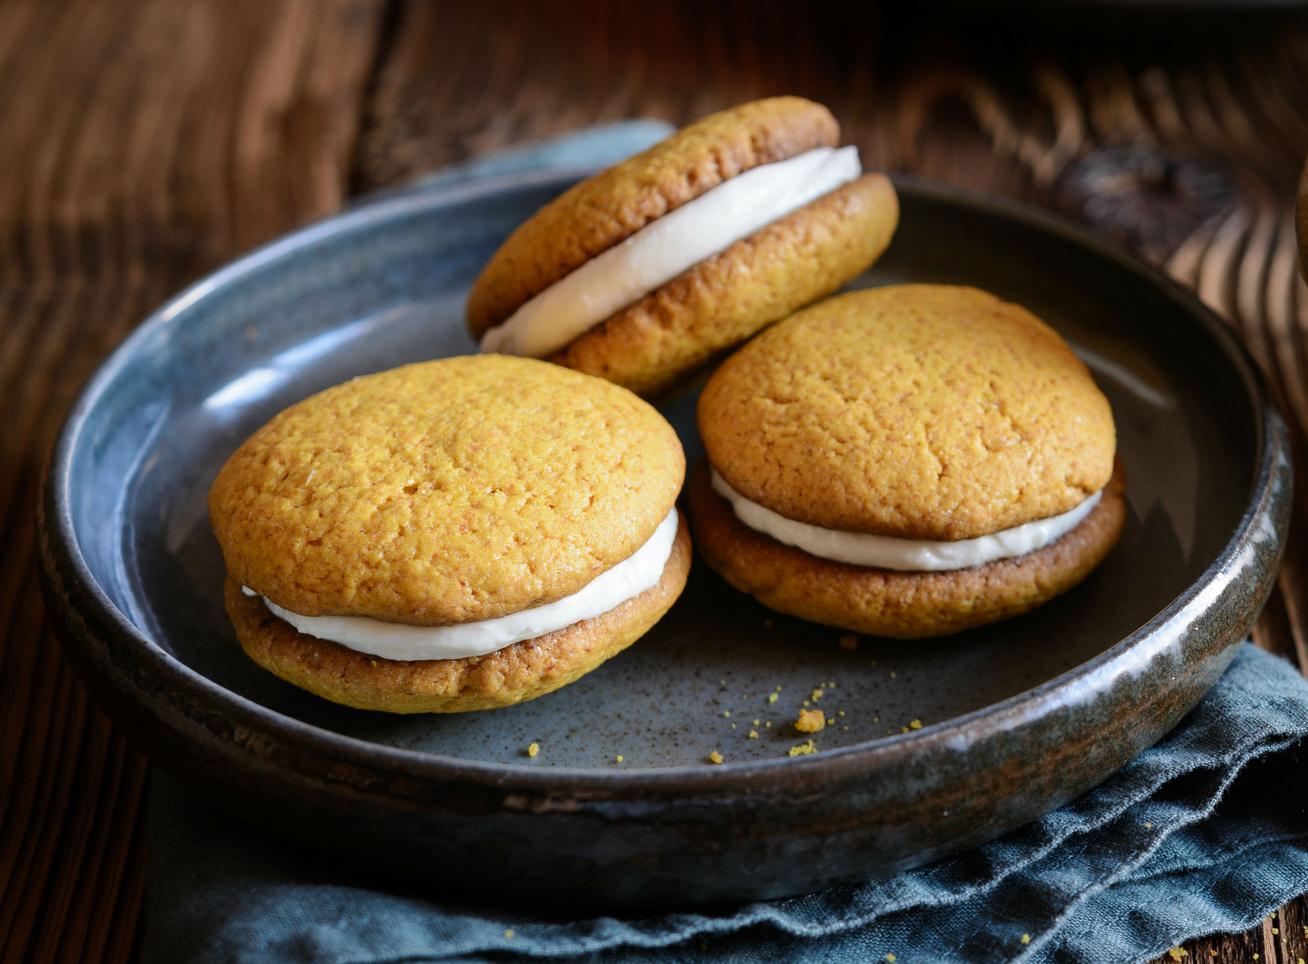 Egyszerű, krémes, mascarponés keksz: mindenki kapkodja egyiket a másik után